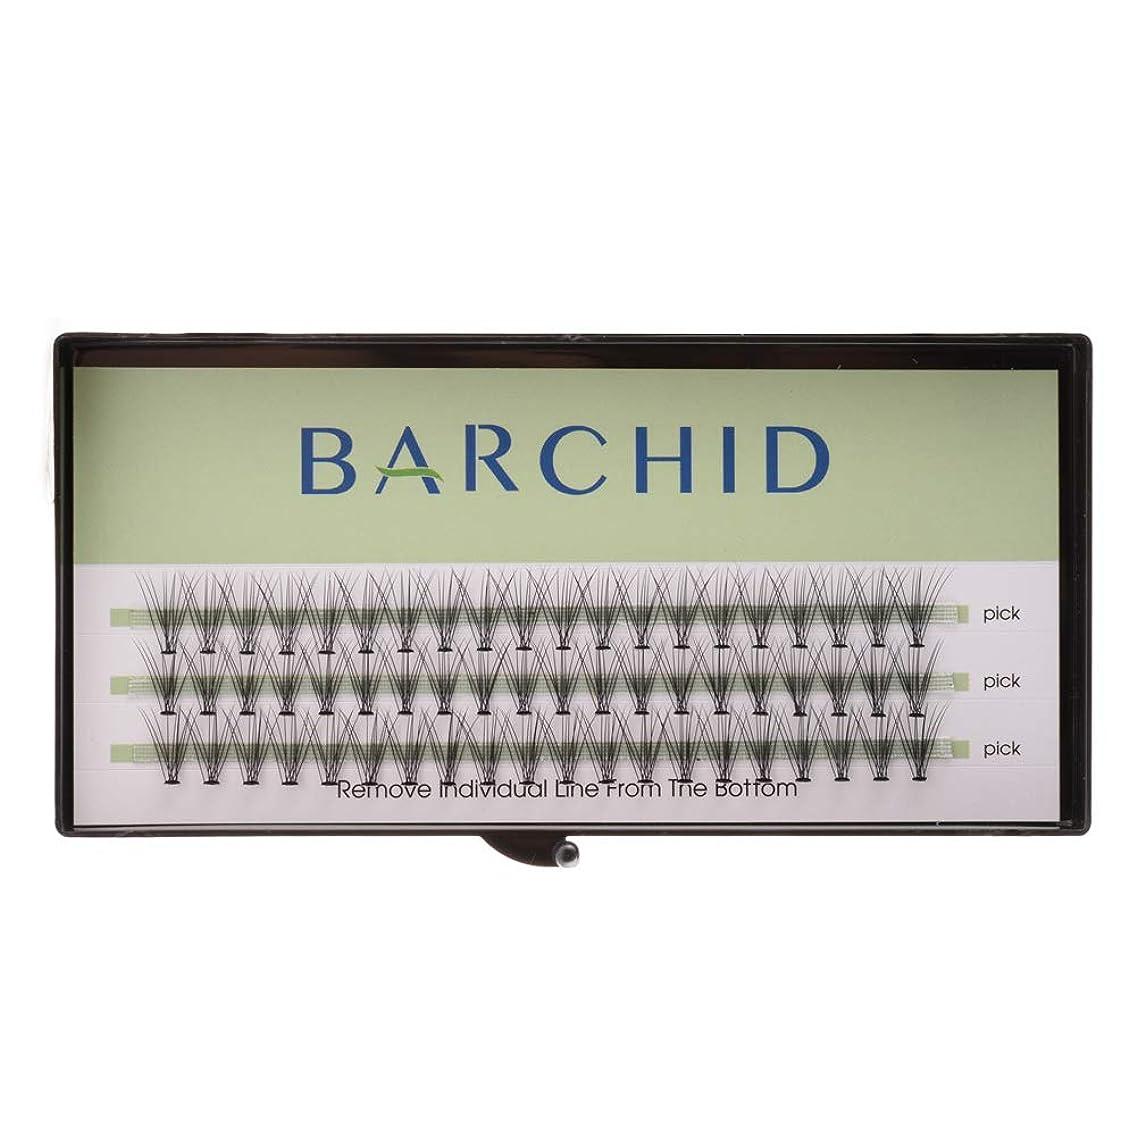 攻撃タイヤ著作権BARCHID 高品質超極細まつげエクステ太さ0.07mm 10本束10mm Cカール フレア セルフ用 素材  マツエク